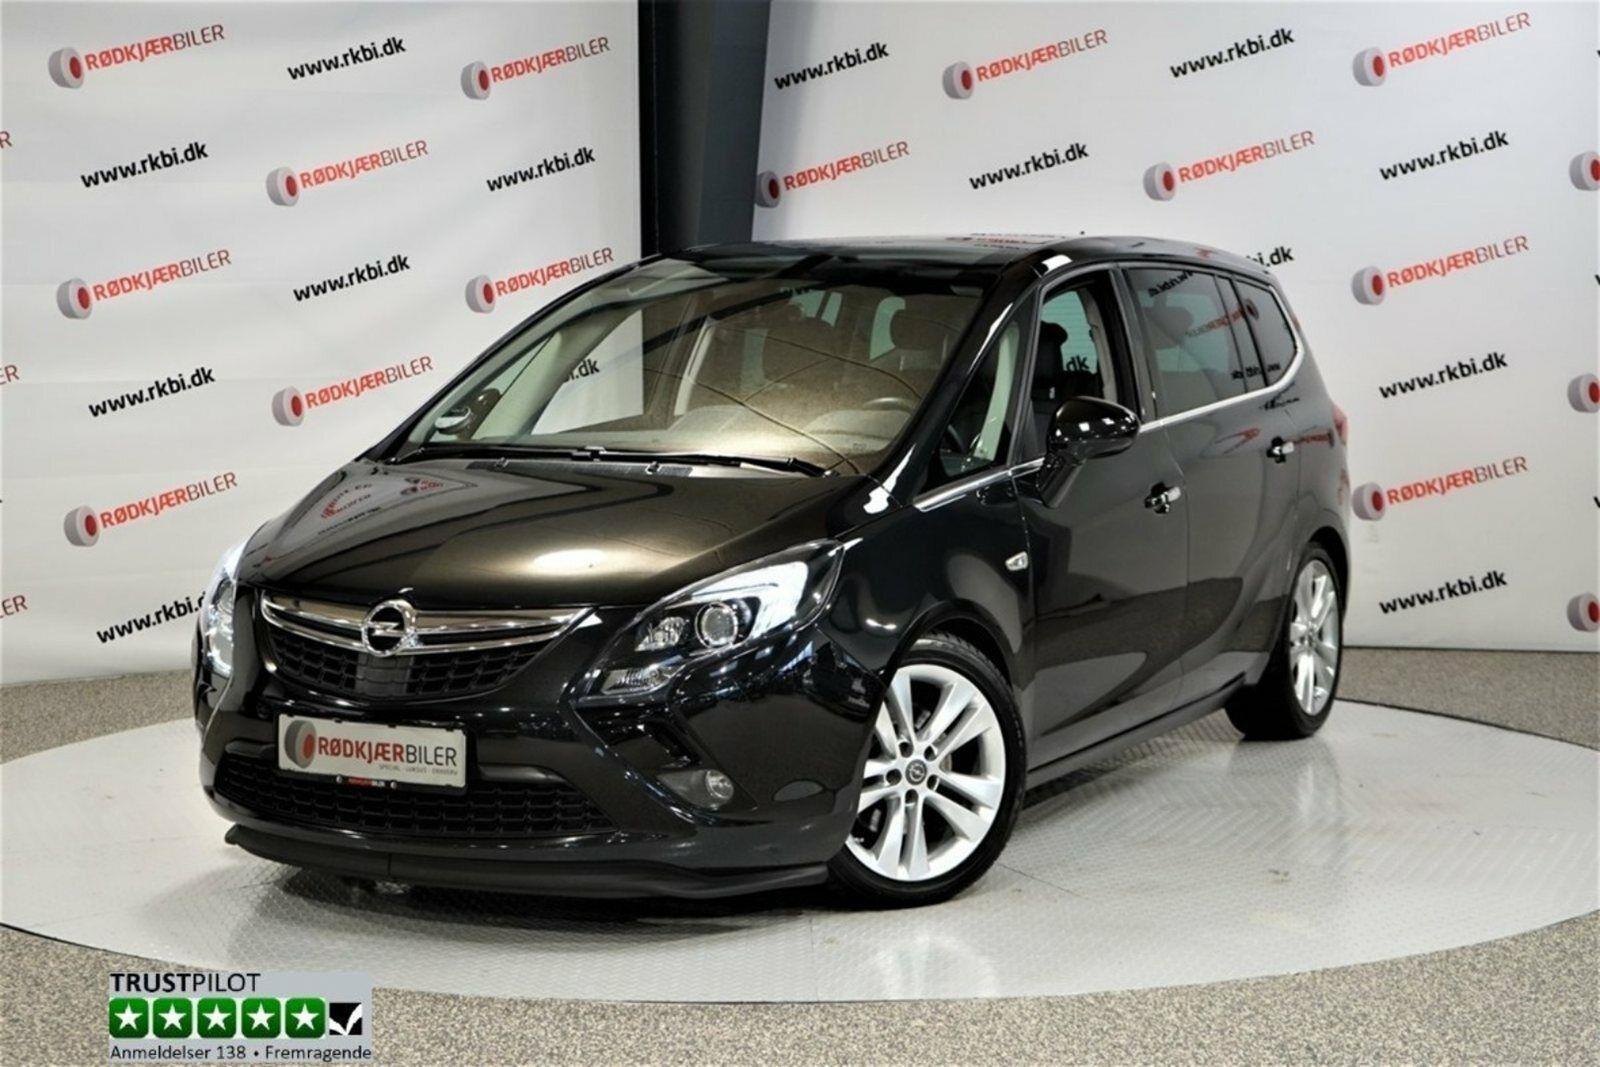 Opel Zafira Tourer 2,0 CDTi 165 Cosmo aut. 5d - 199.900 kr.